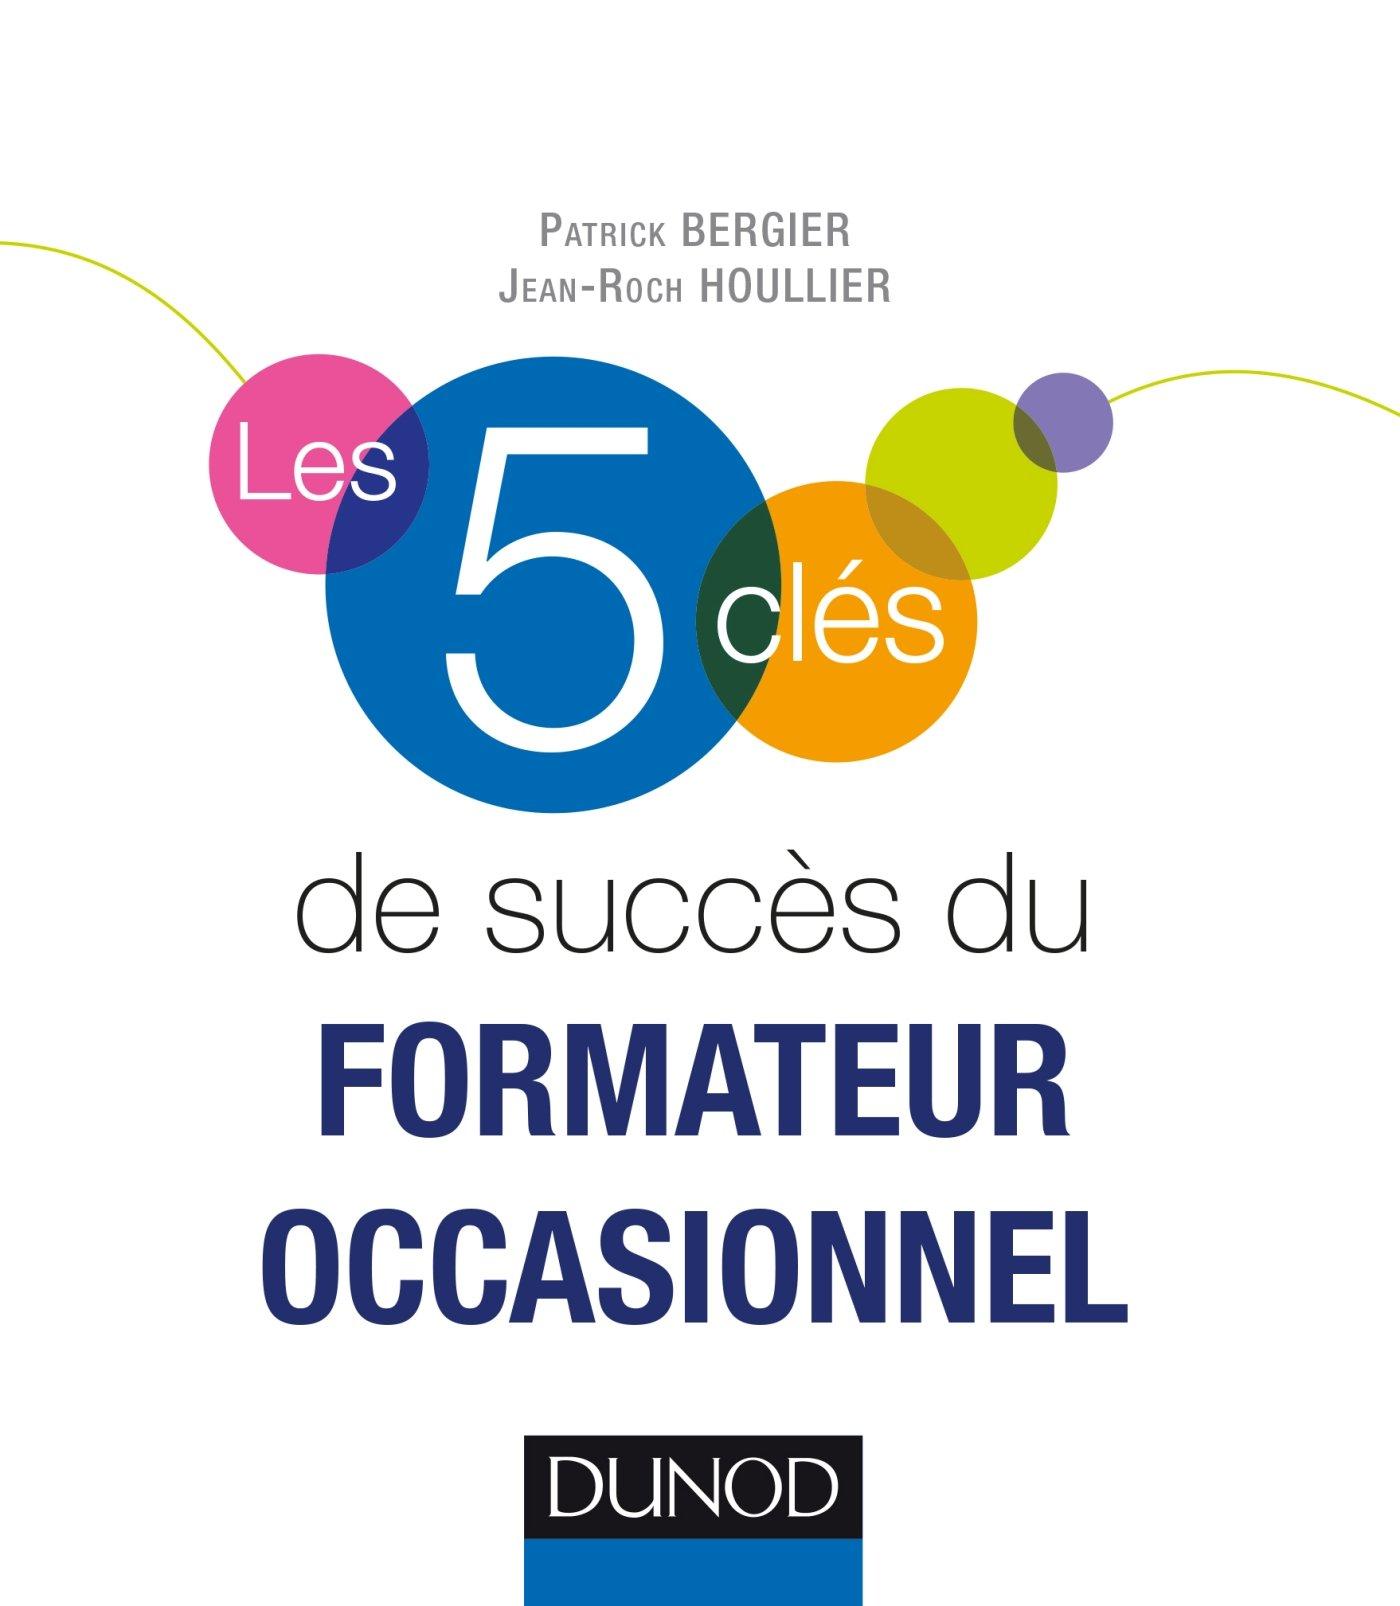 LES 5 CLÉS DE SUCCÈS DU FORMATEUR OCCASIONNEL